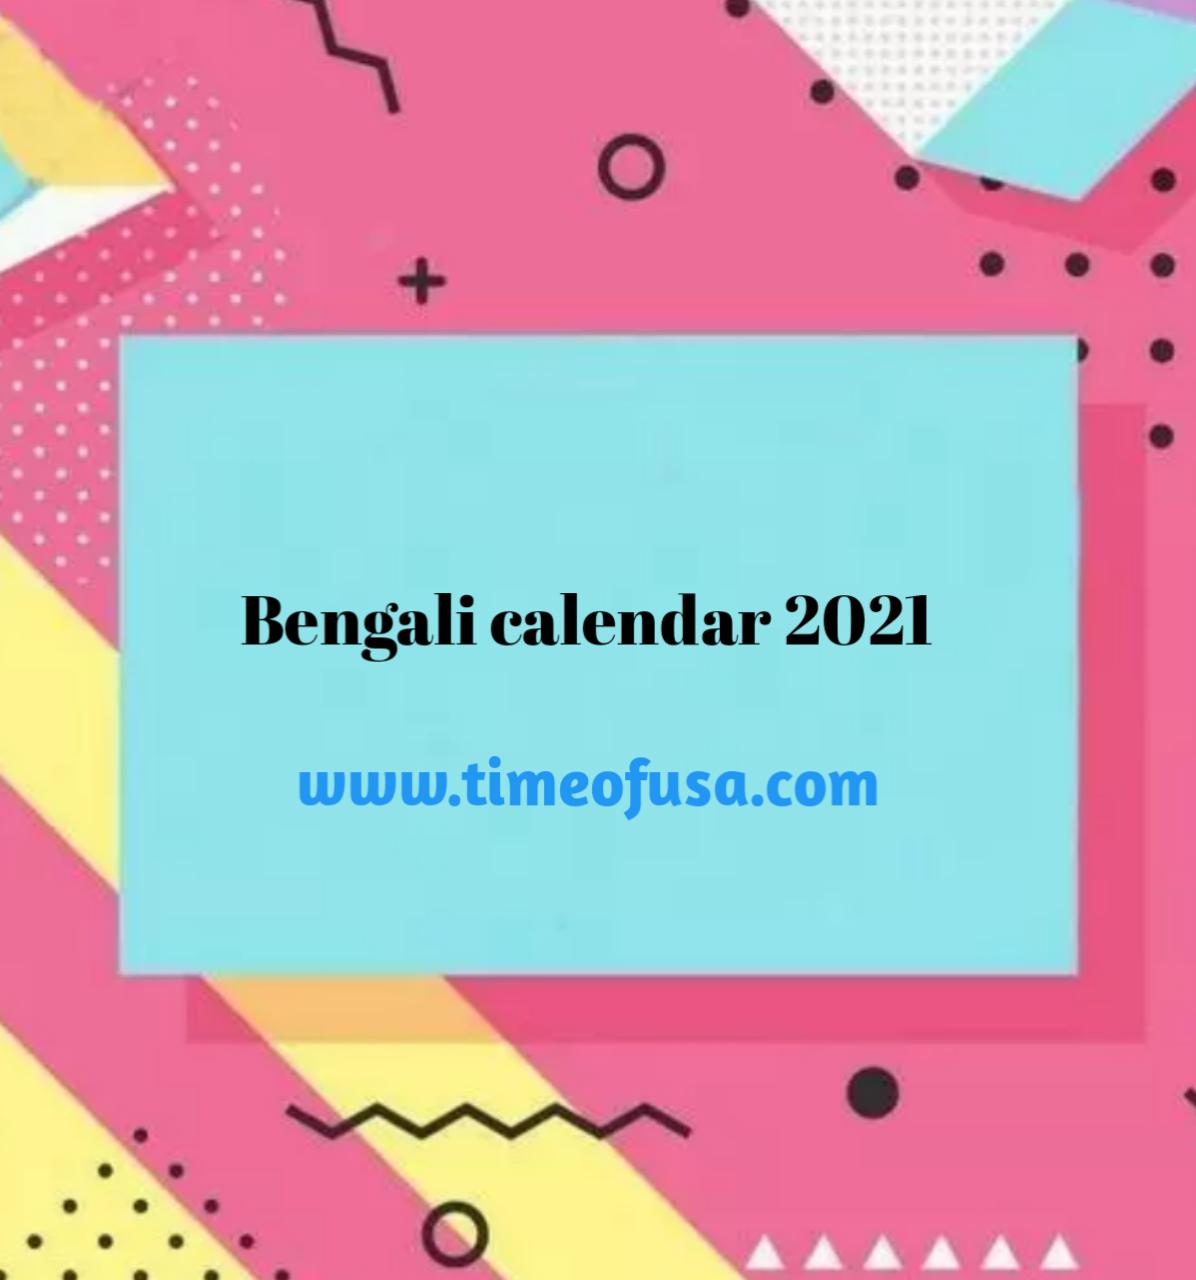 Bengali calendar 2021   Calendar bengali   Calendar in Bengali   time of usa